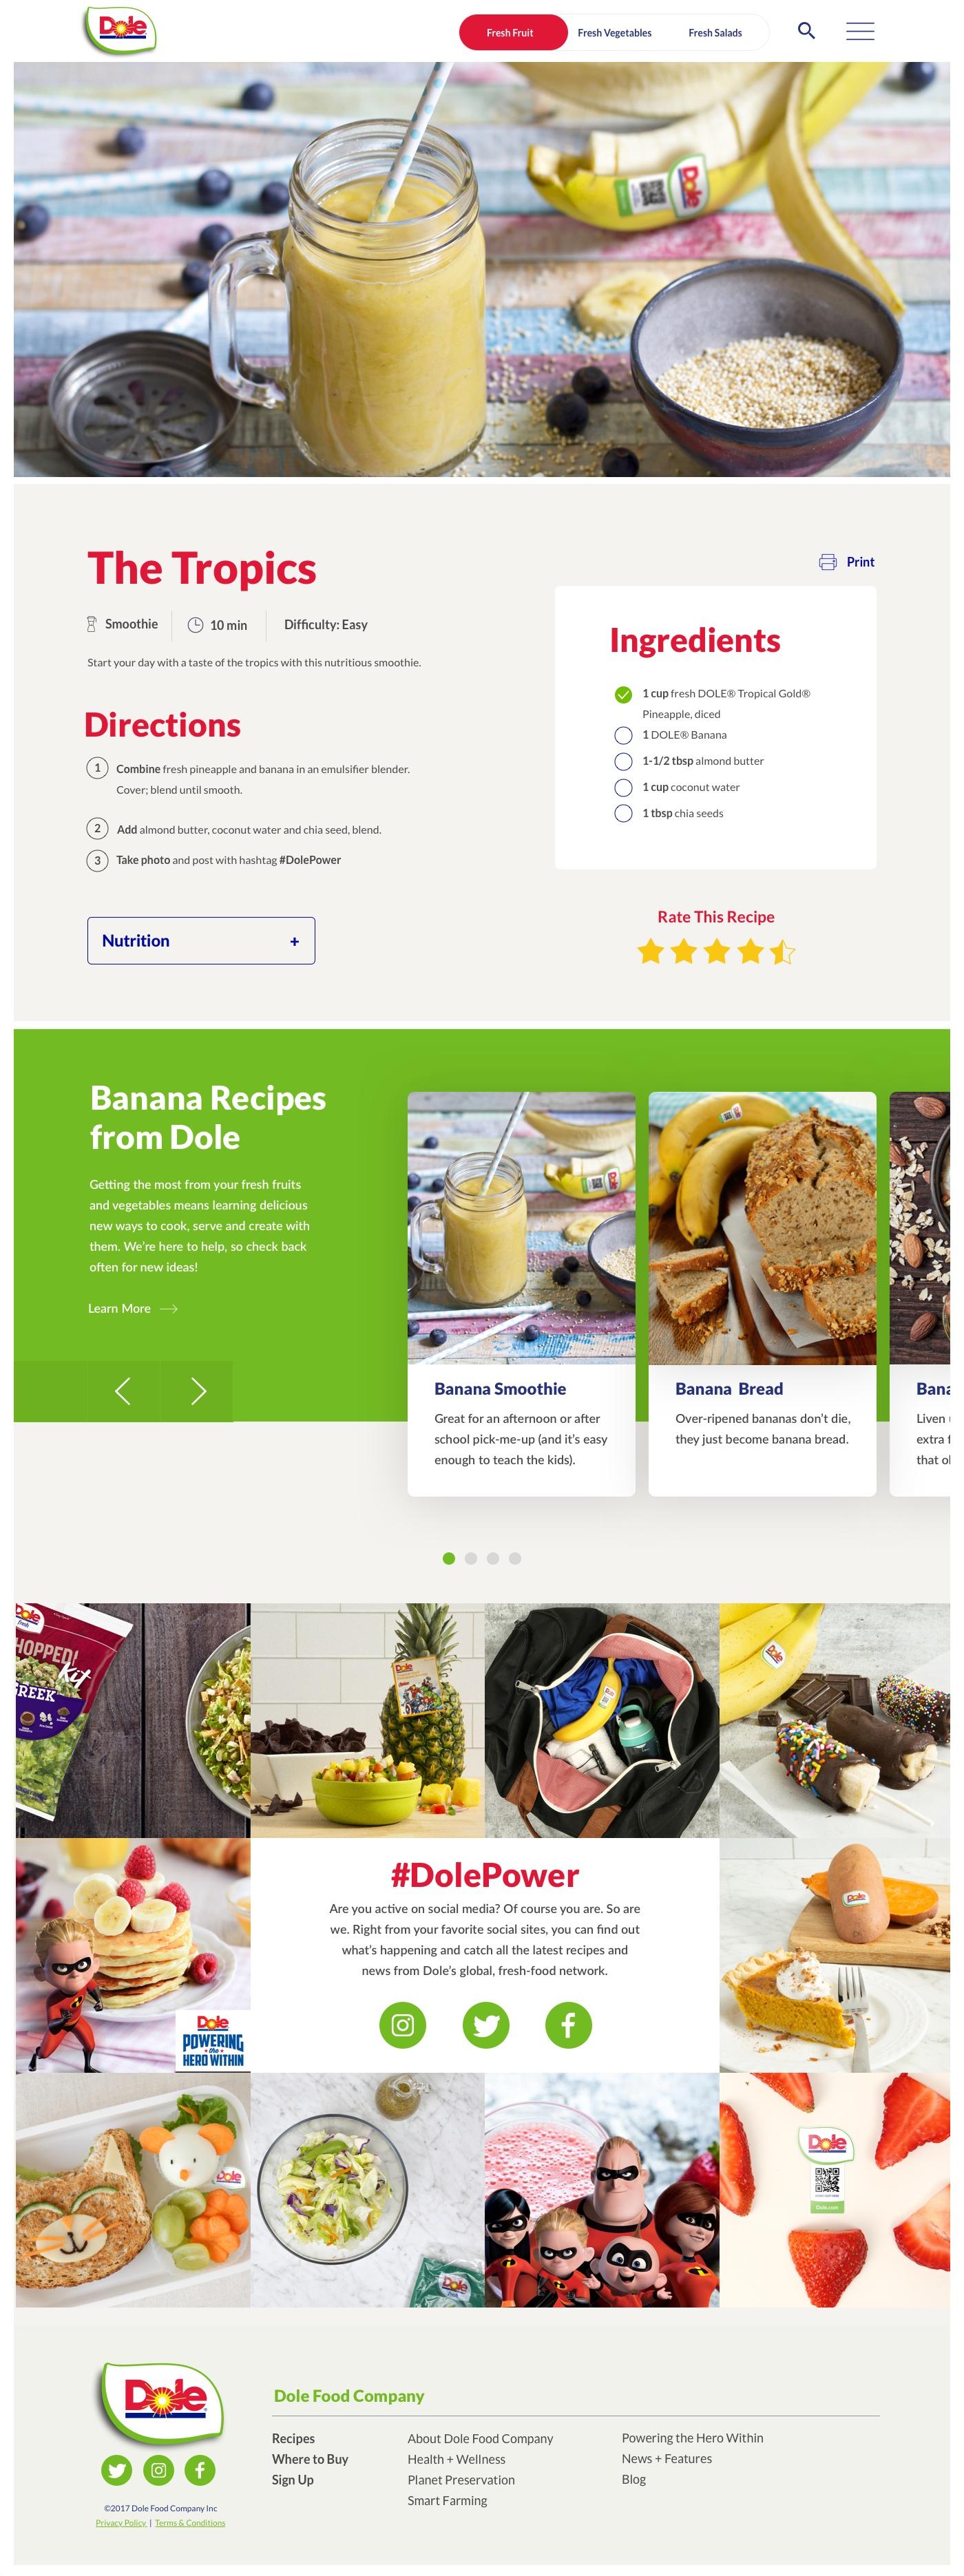 Dole_Recipes.jpg